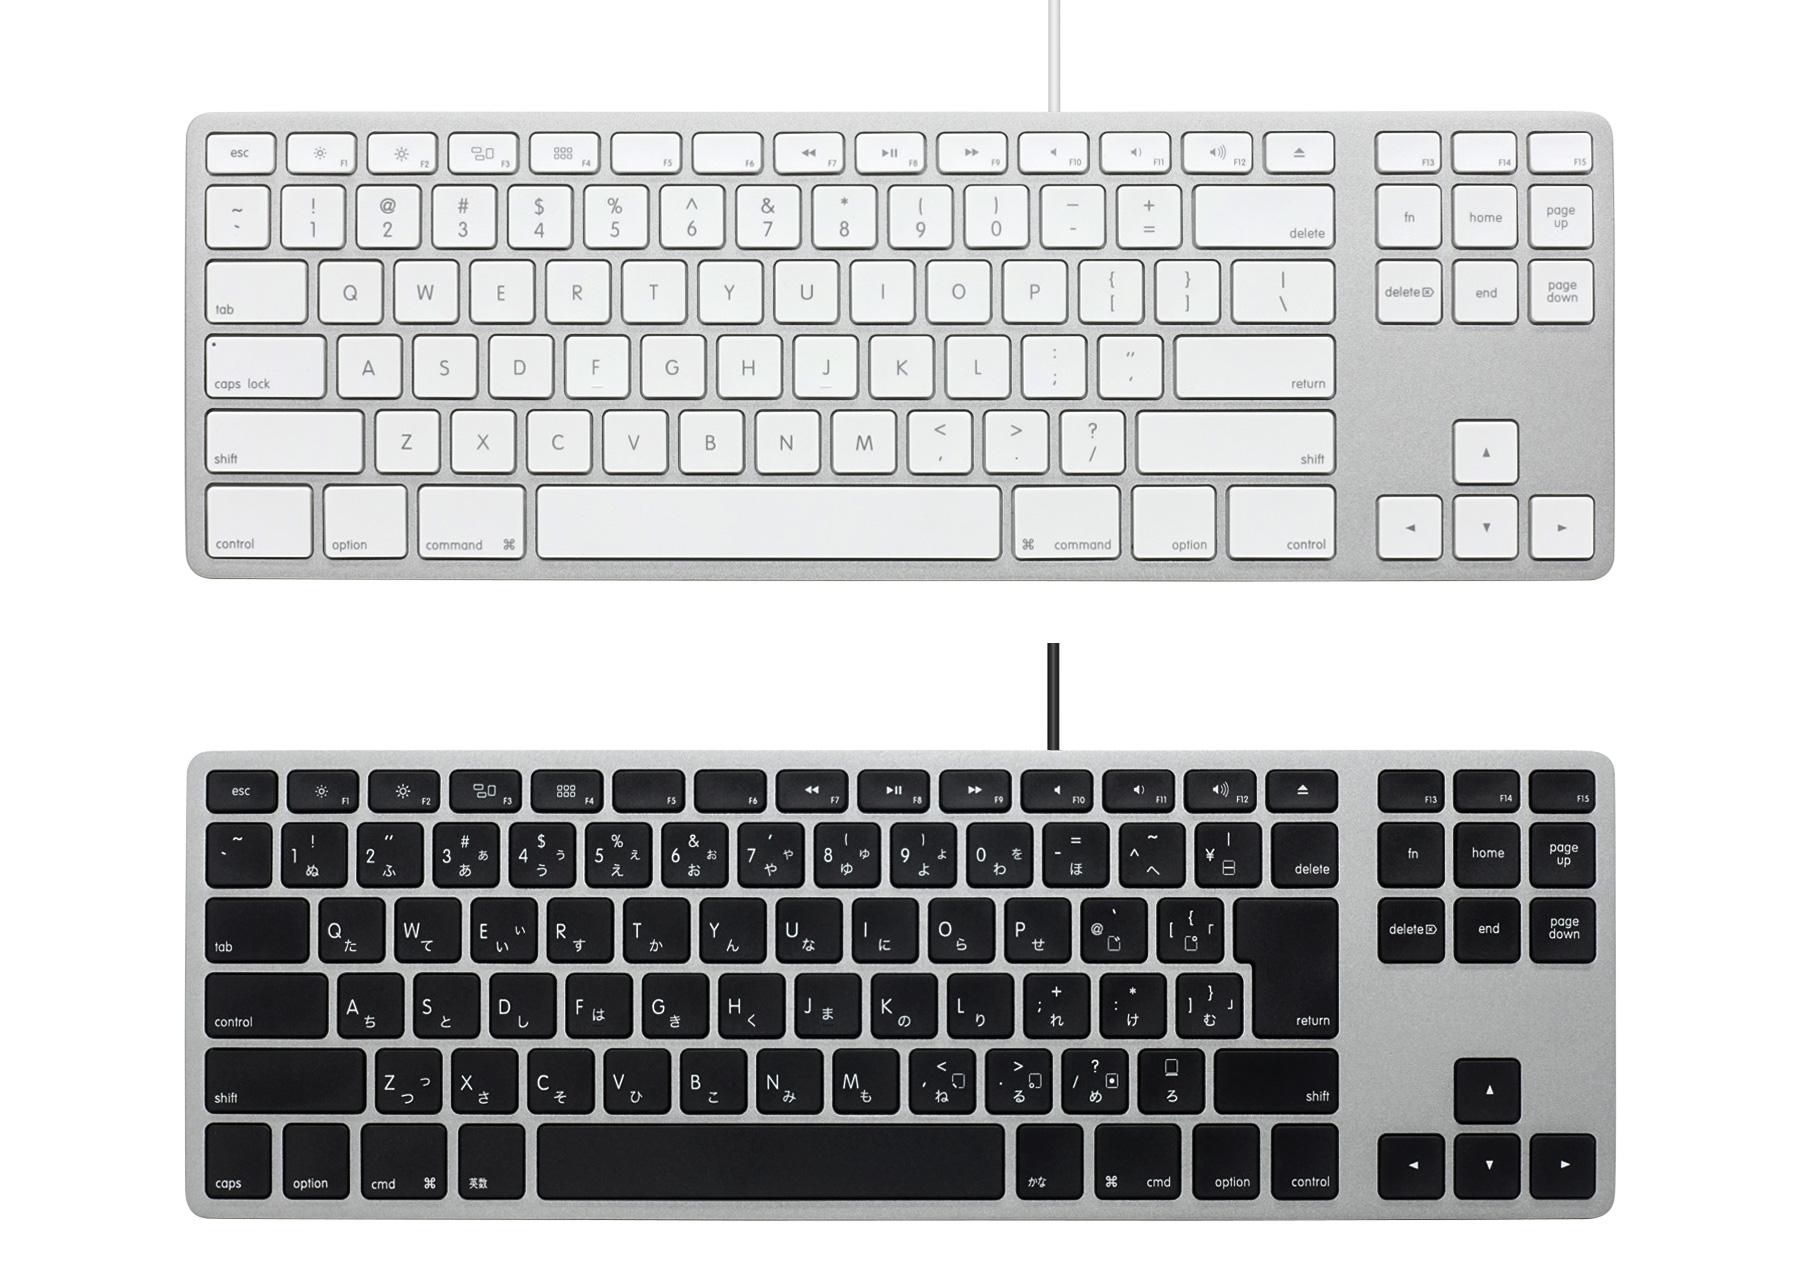 ダイヤテック、Mac向けキーボード「Matias Wired Aluminum Tenkeyless keyboard for Mac」を発売